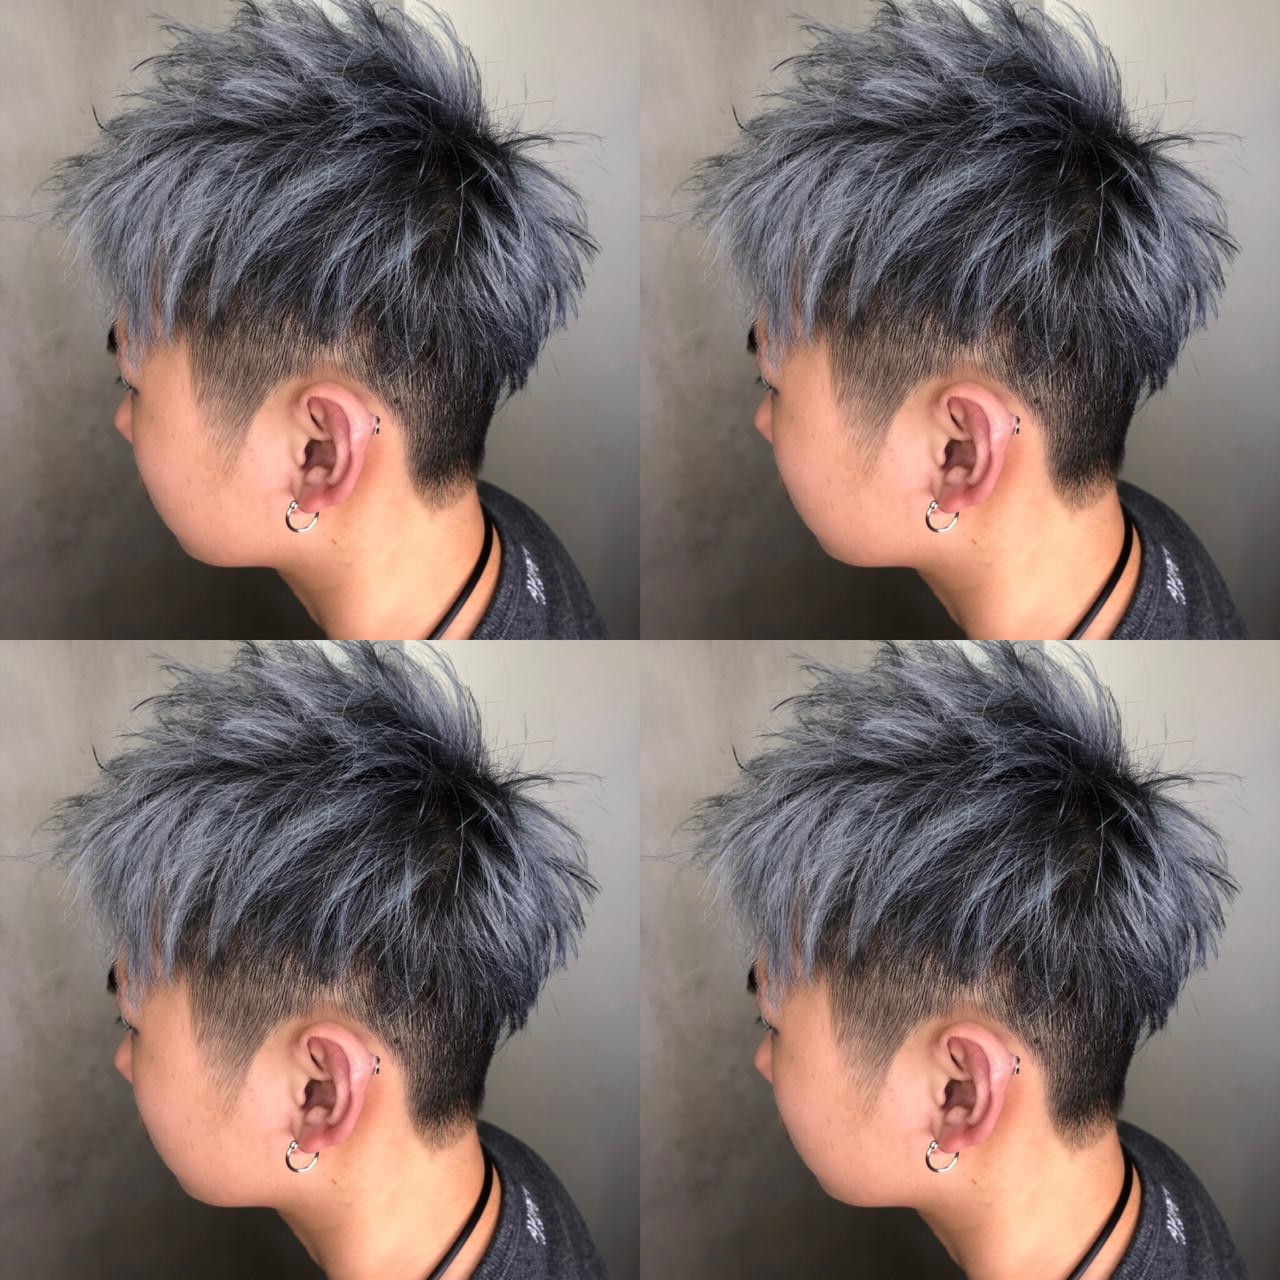 ストリート ショート メンズカラー メンズカット ヘアスタイルや髪型の写真・画像 | 筒井 隆由 / Hair salon mode